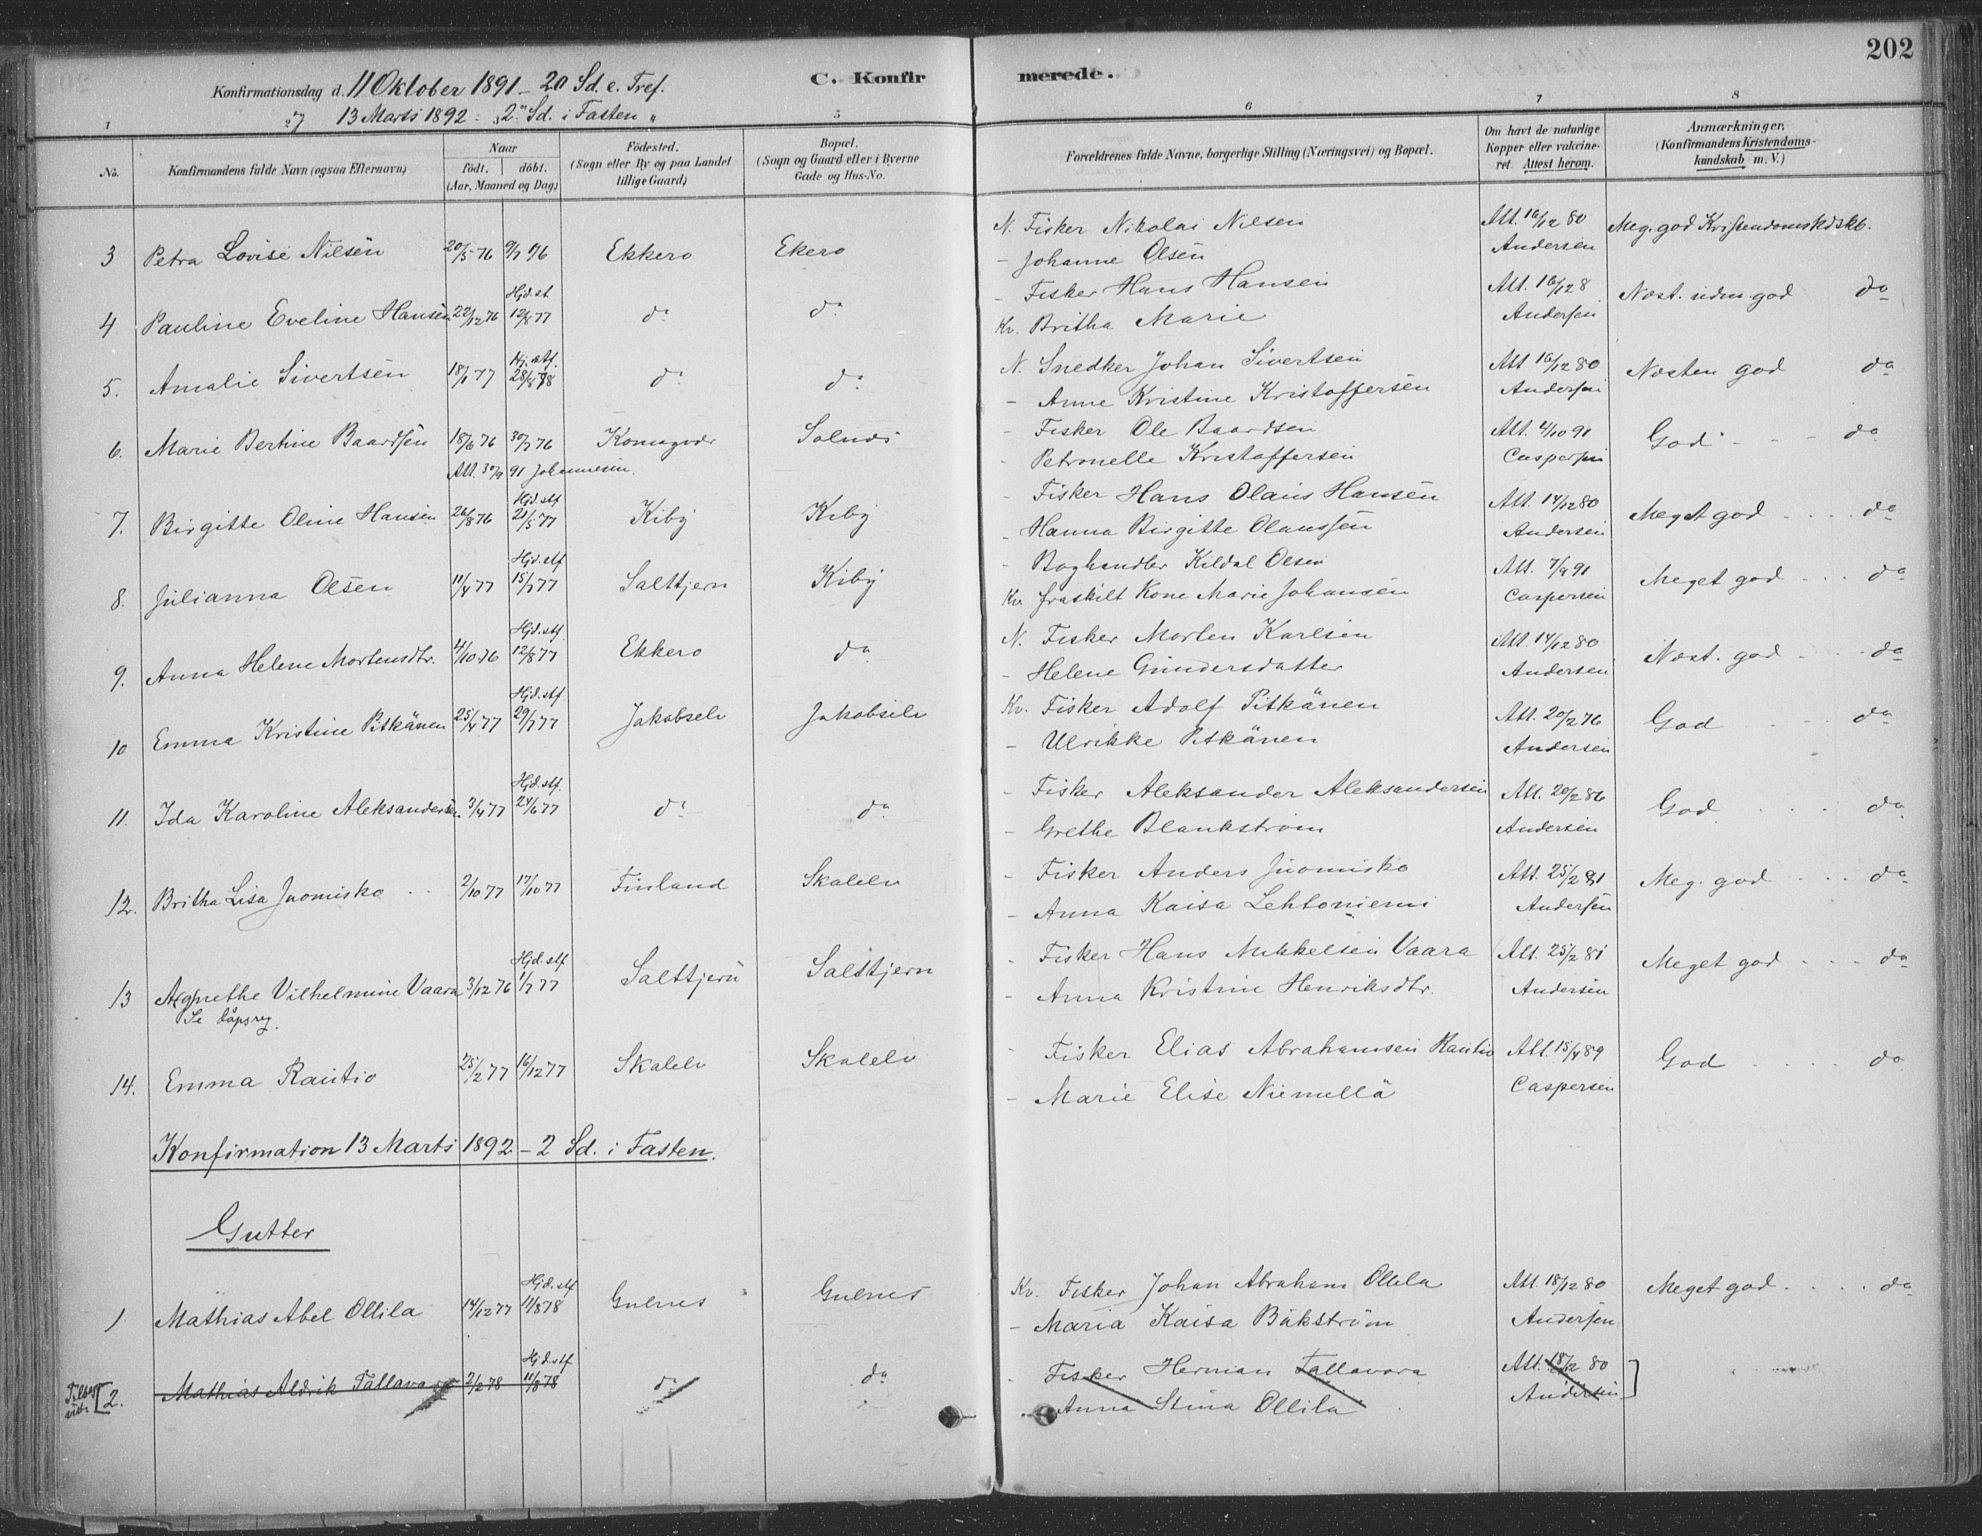 SATØ, Vadsø sokneprestkontor, H/Ha/L0009kirke: Ministerialbok nr. 9, 1881-1917, s. 202